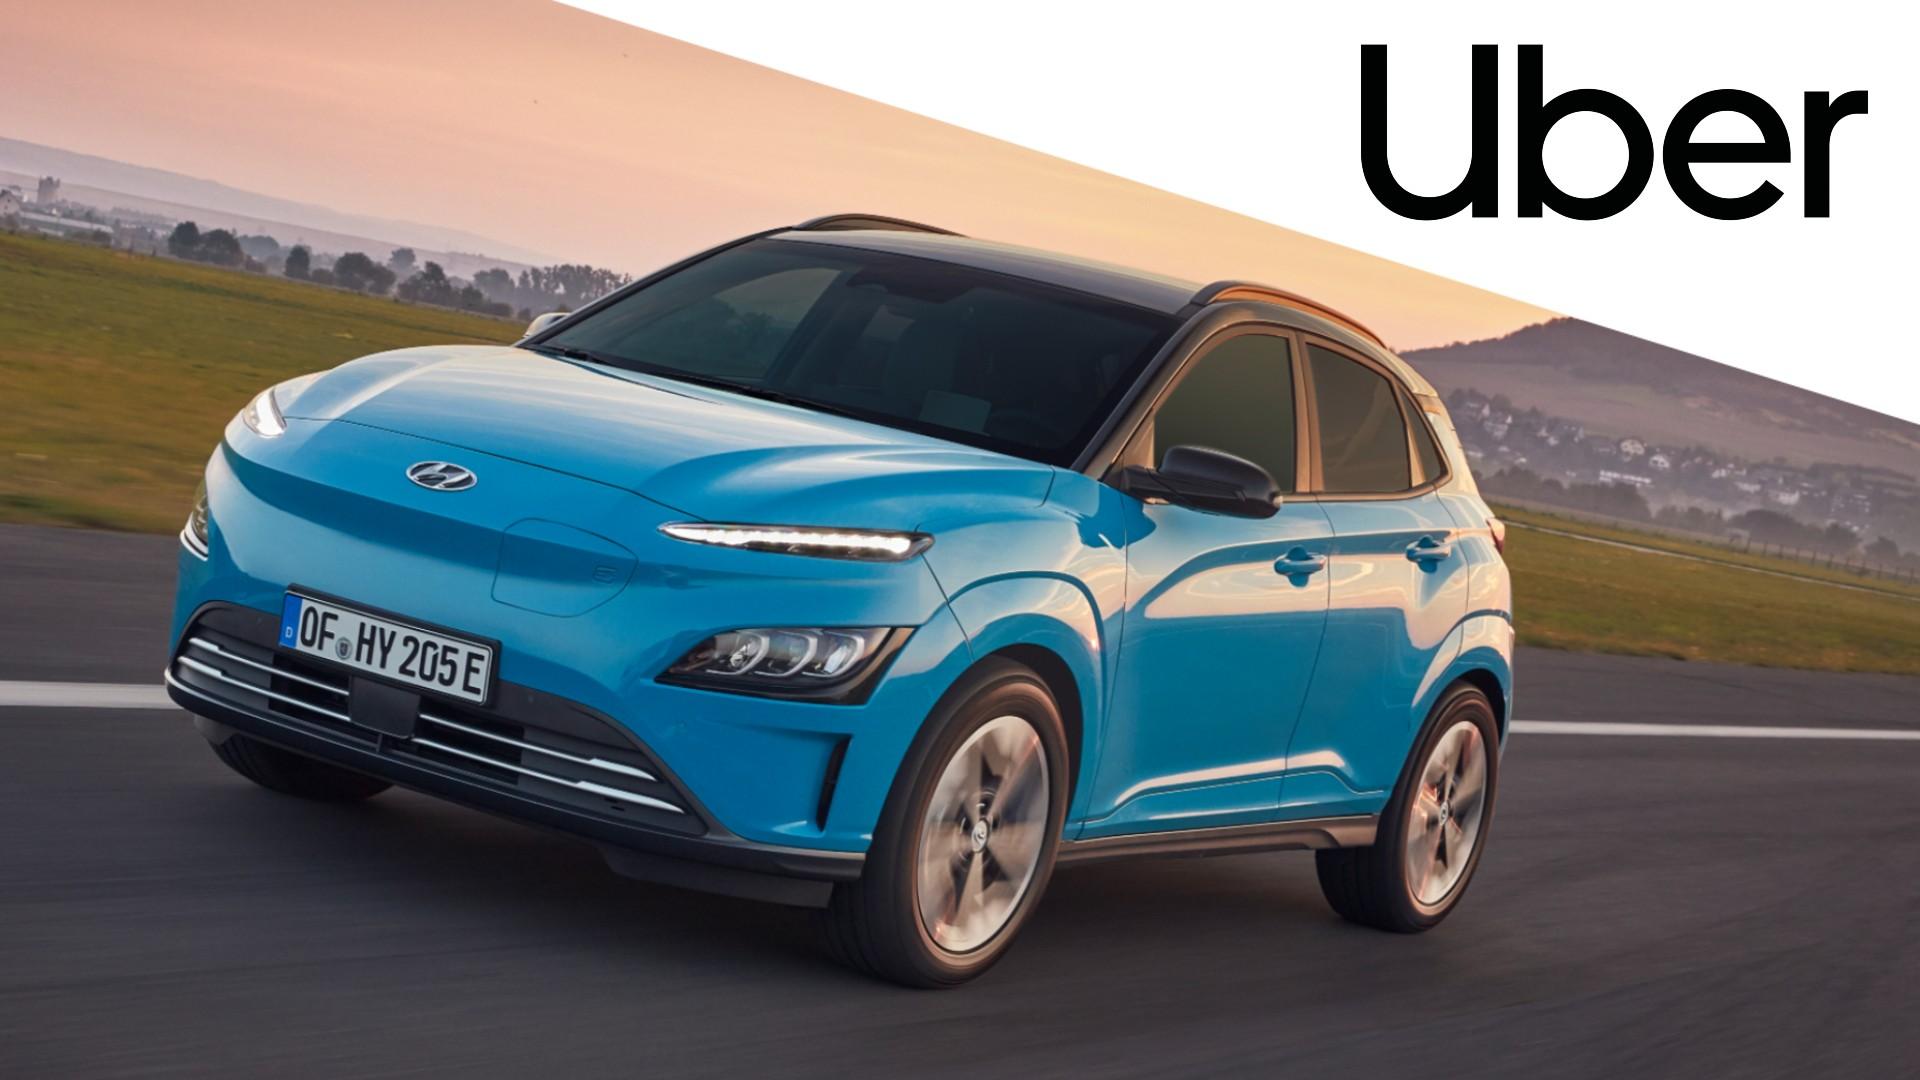 Συνεργασία μεταξύ Hyundai και Uber στην ευρωπαϊκή αγορά